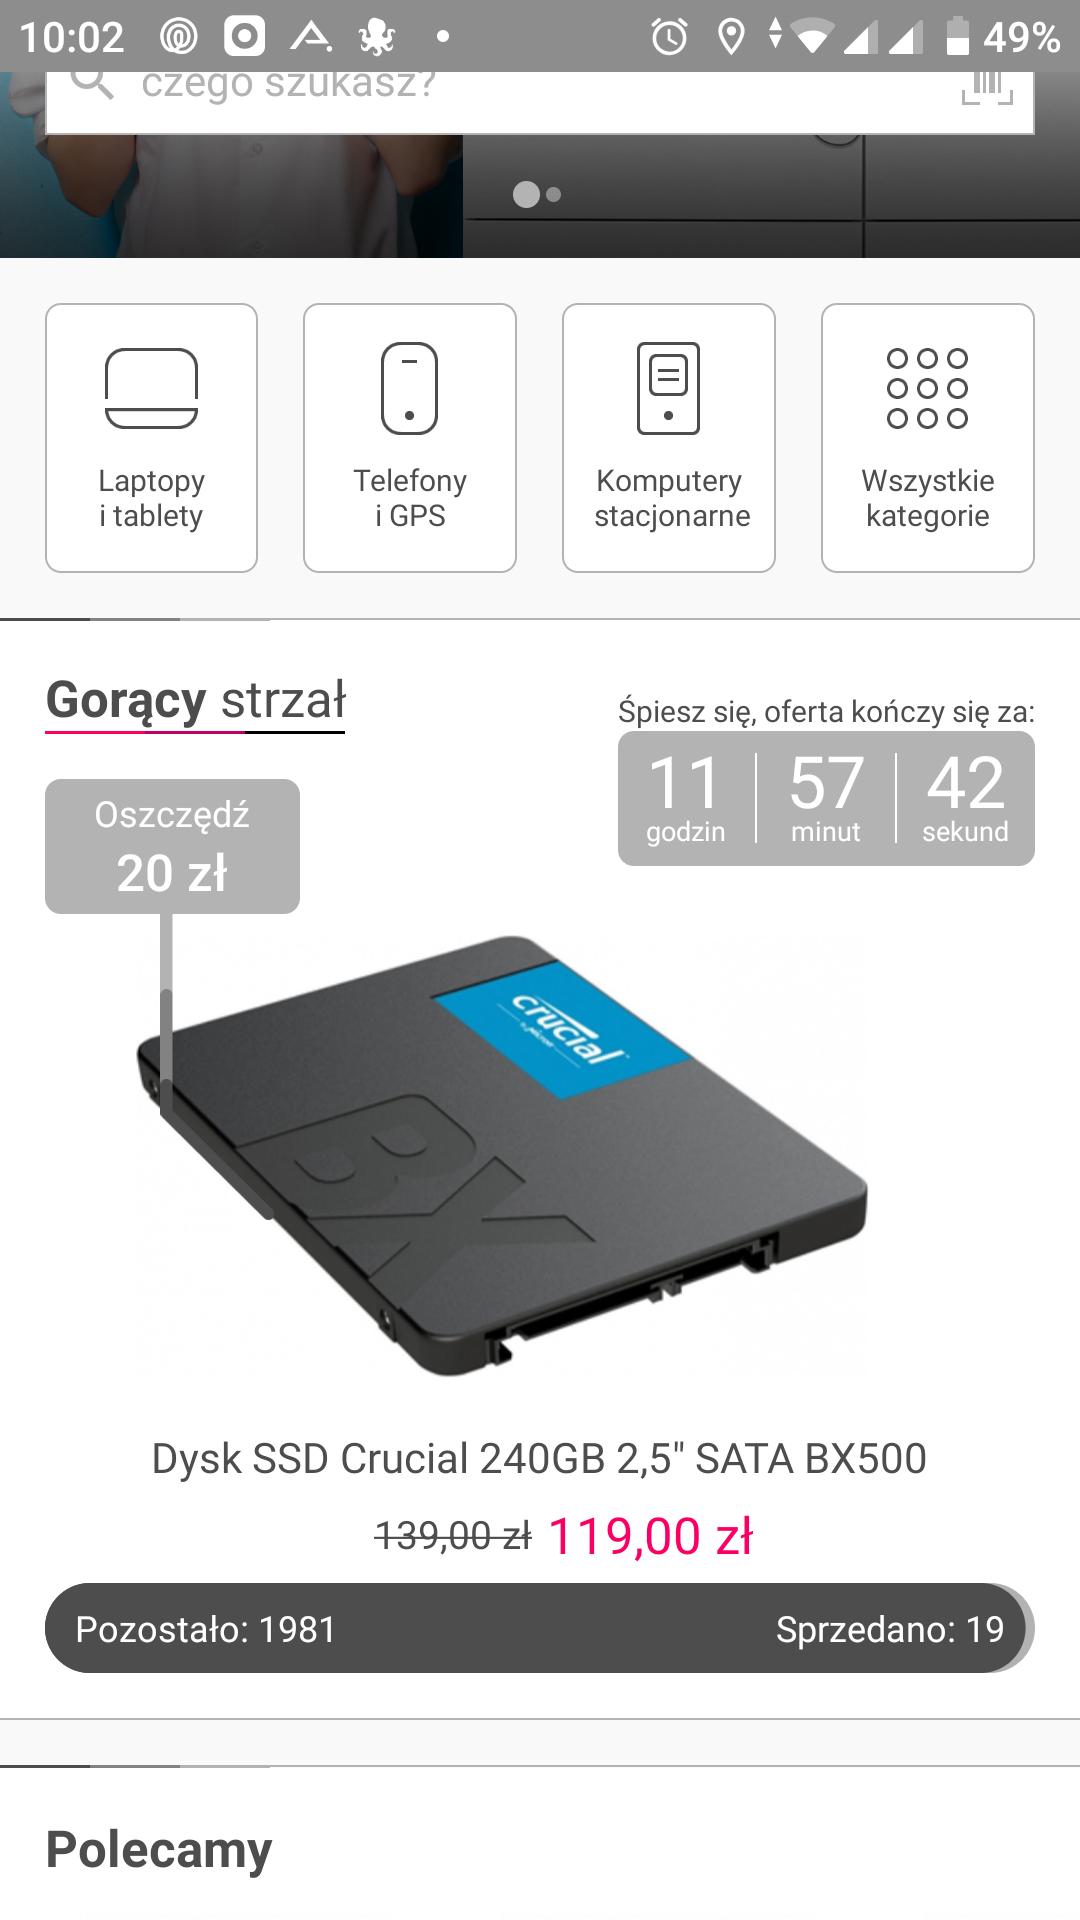 Dysk SSD Crucial 240GB